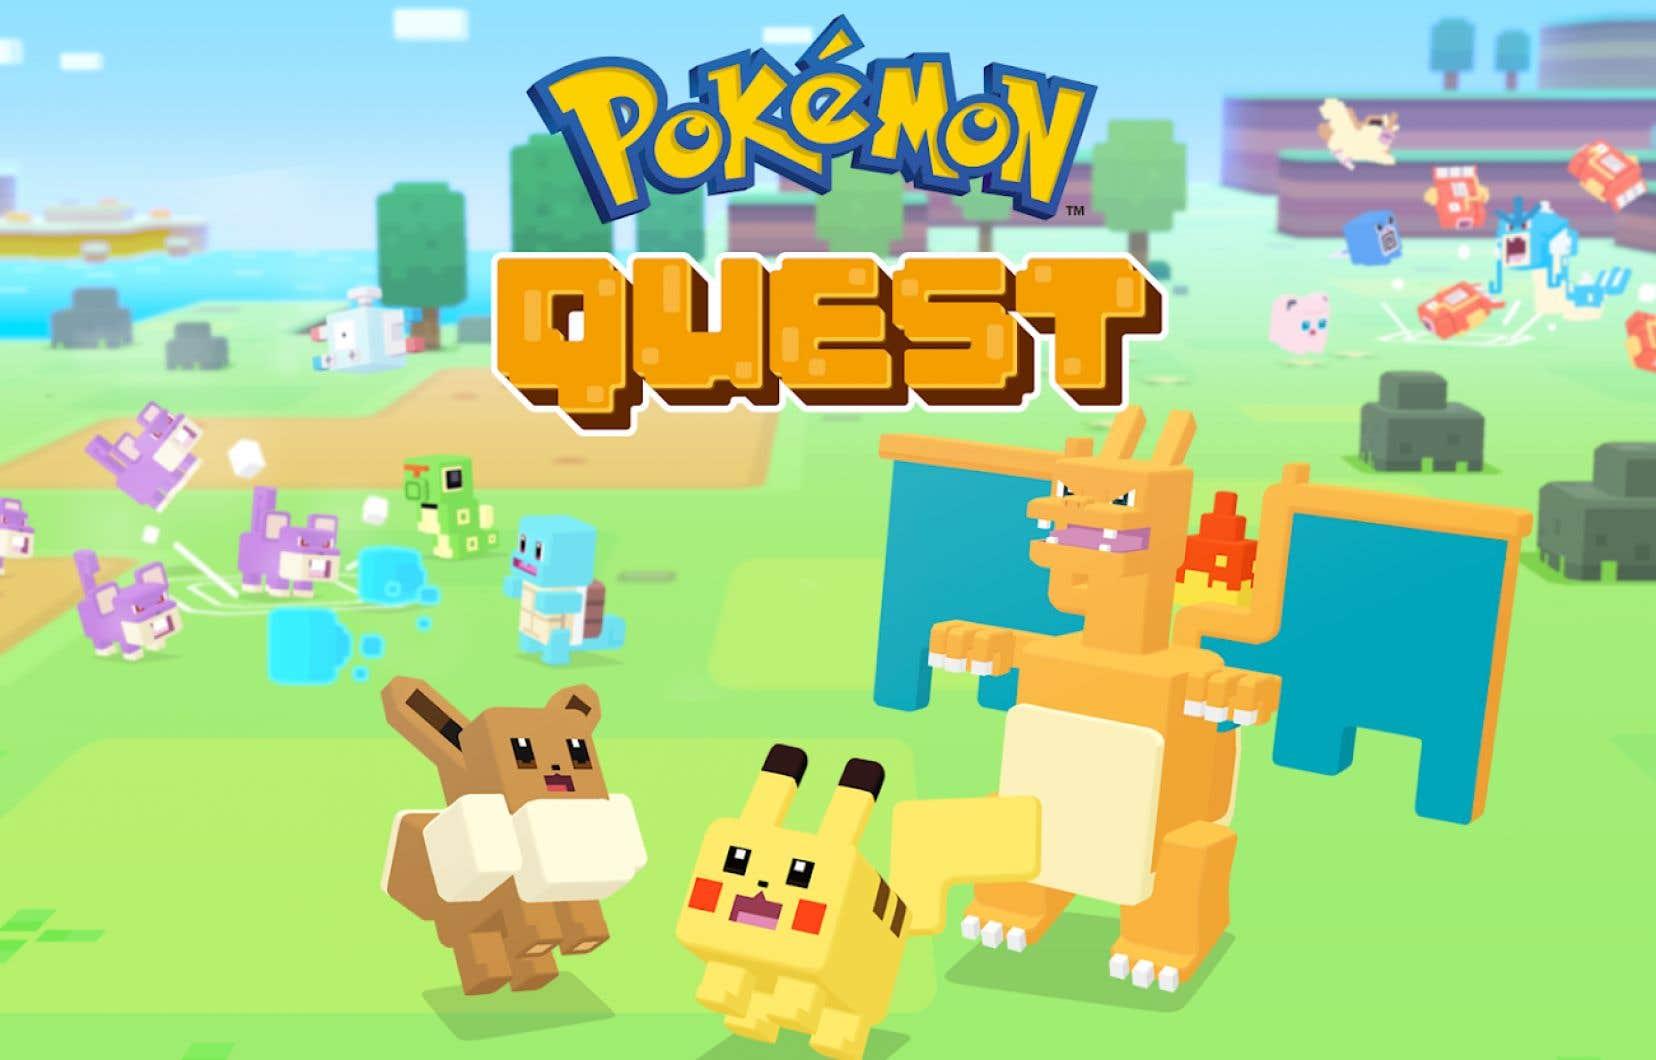 Ce jeu gratuit propose de mener plusieurs quêtes dans lesquelles nos Pokémons se battent contre d'autres créatures et de concocter des recettes pour attirer d'autres Pokémons dans notre équipe.